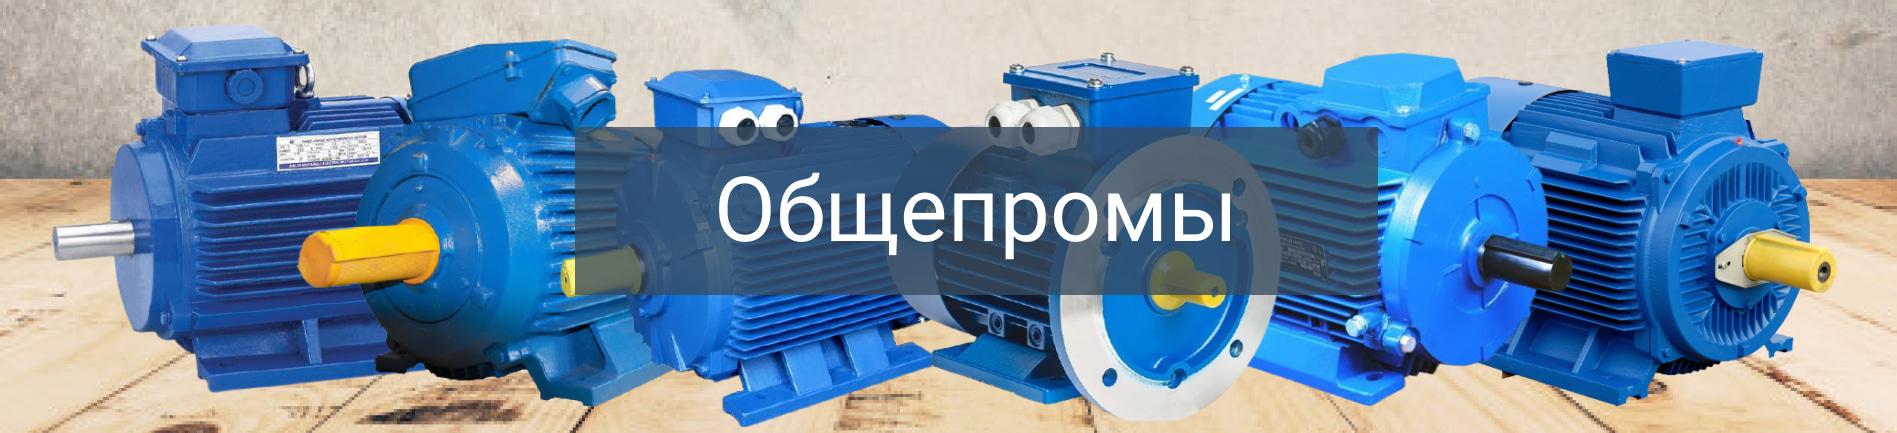 Общепромышленные электродвигатели 15 квт